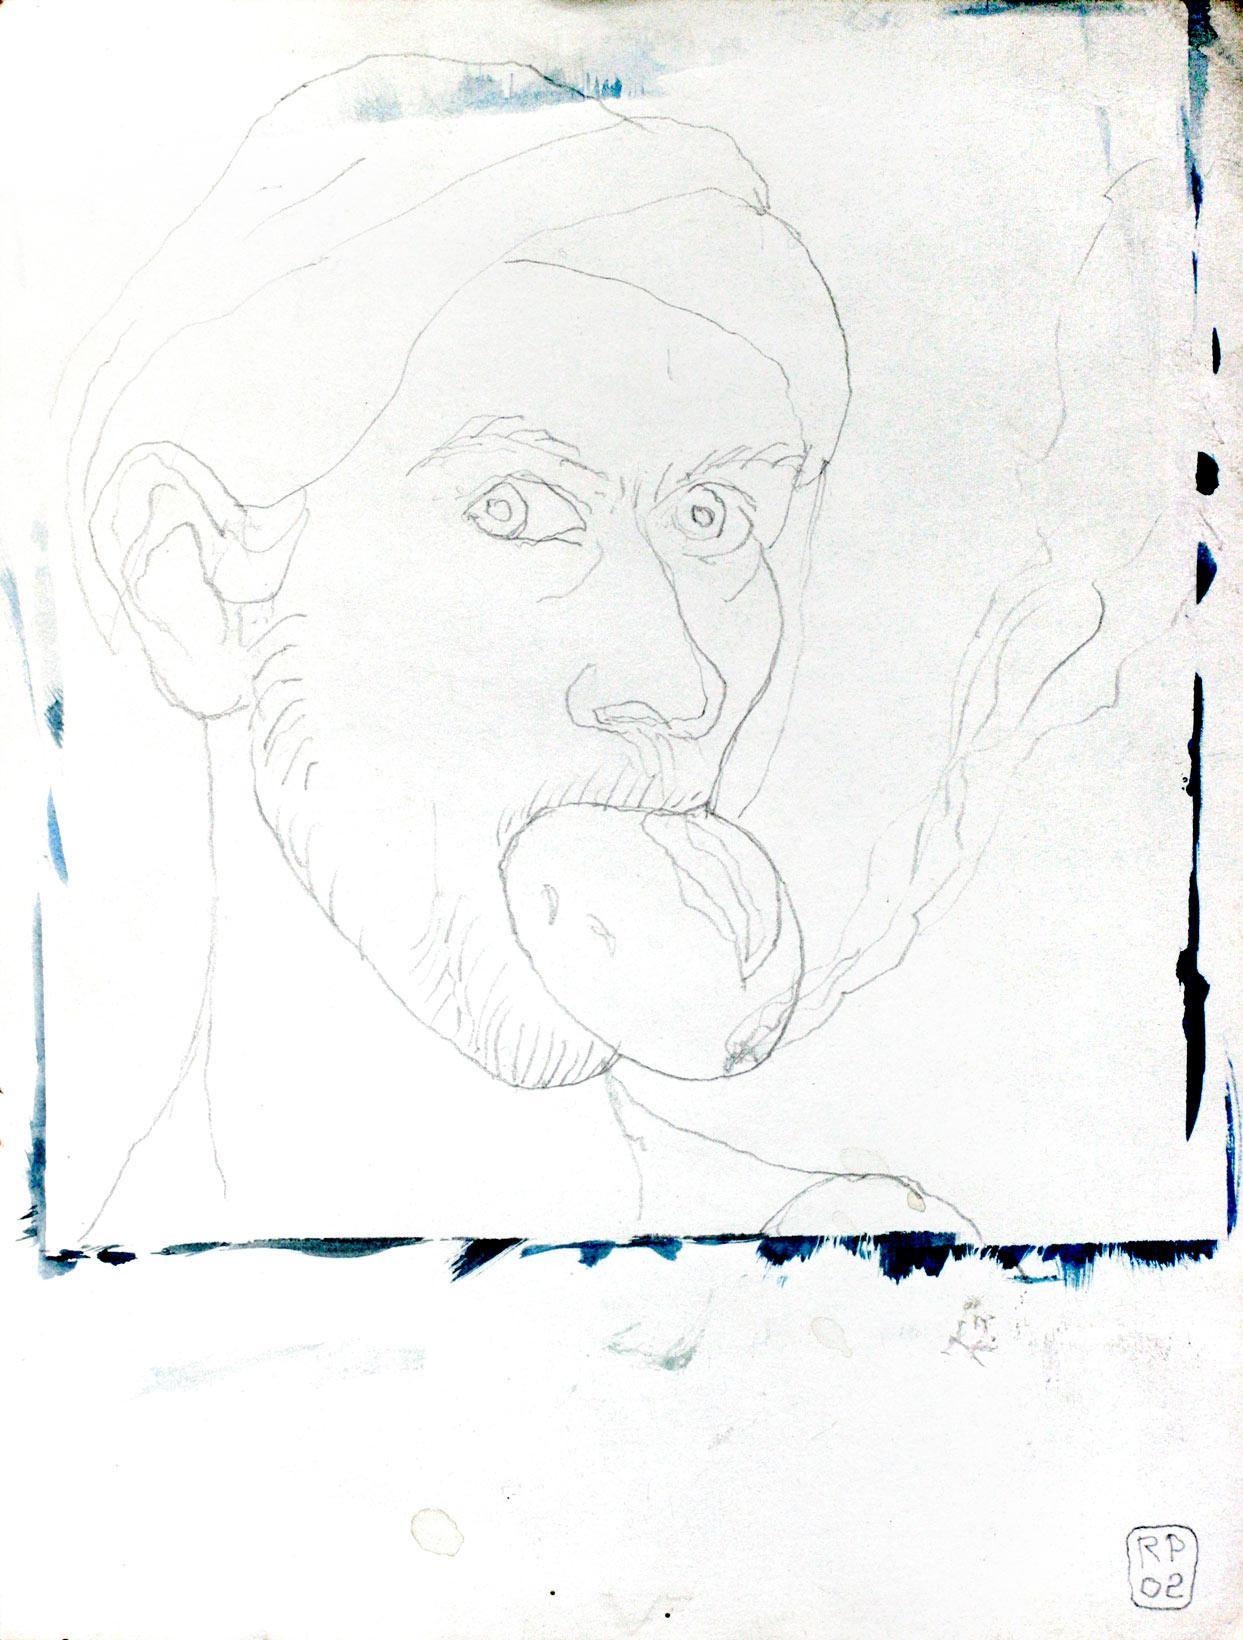 Selbstportrait – rauchend, Zeichnung, Robert Puls, 2002